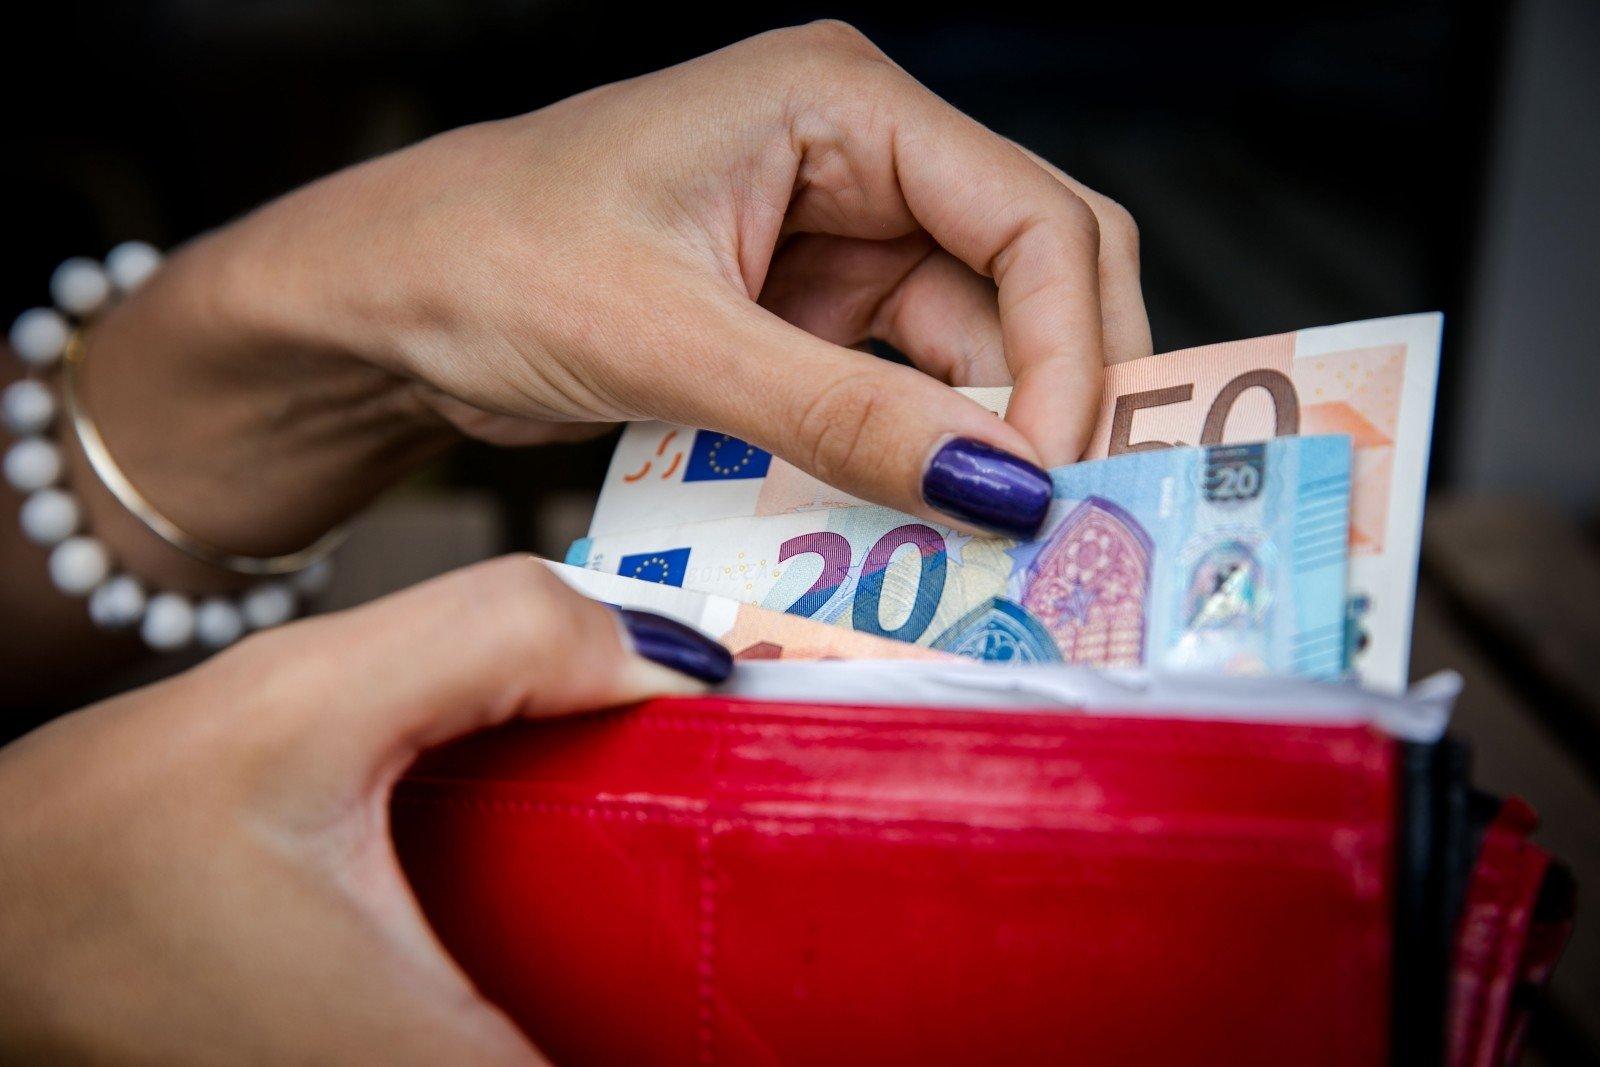 9 priežastys, kodėl kiti uždirba daugiau | hausis.lt